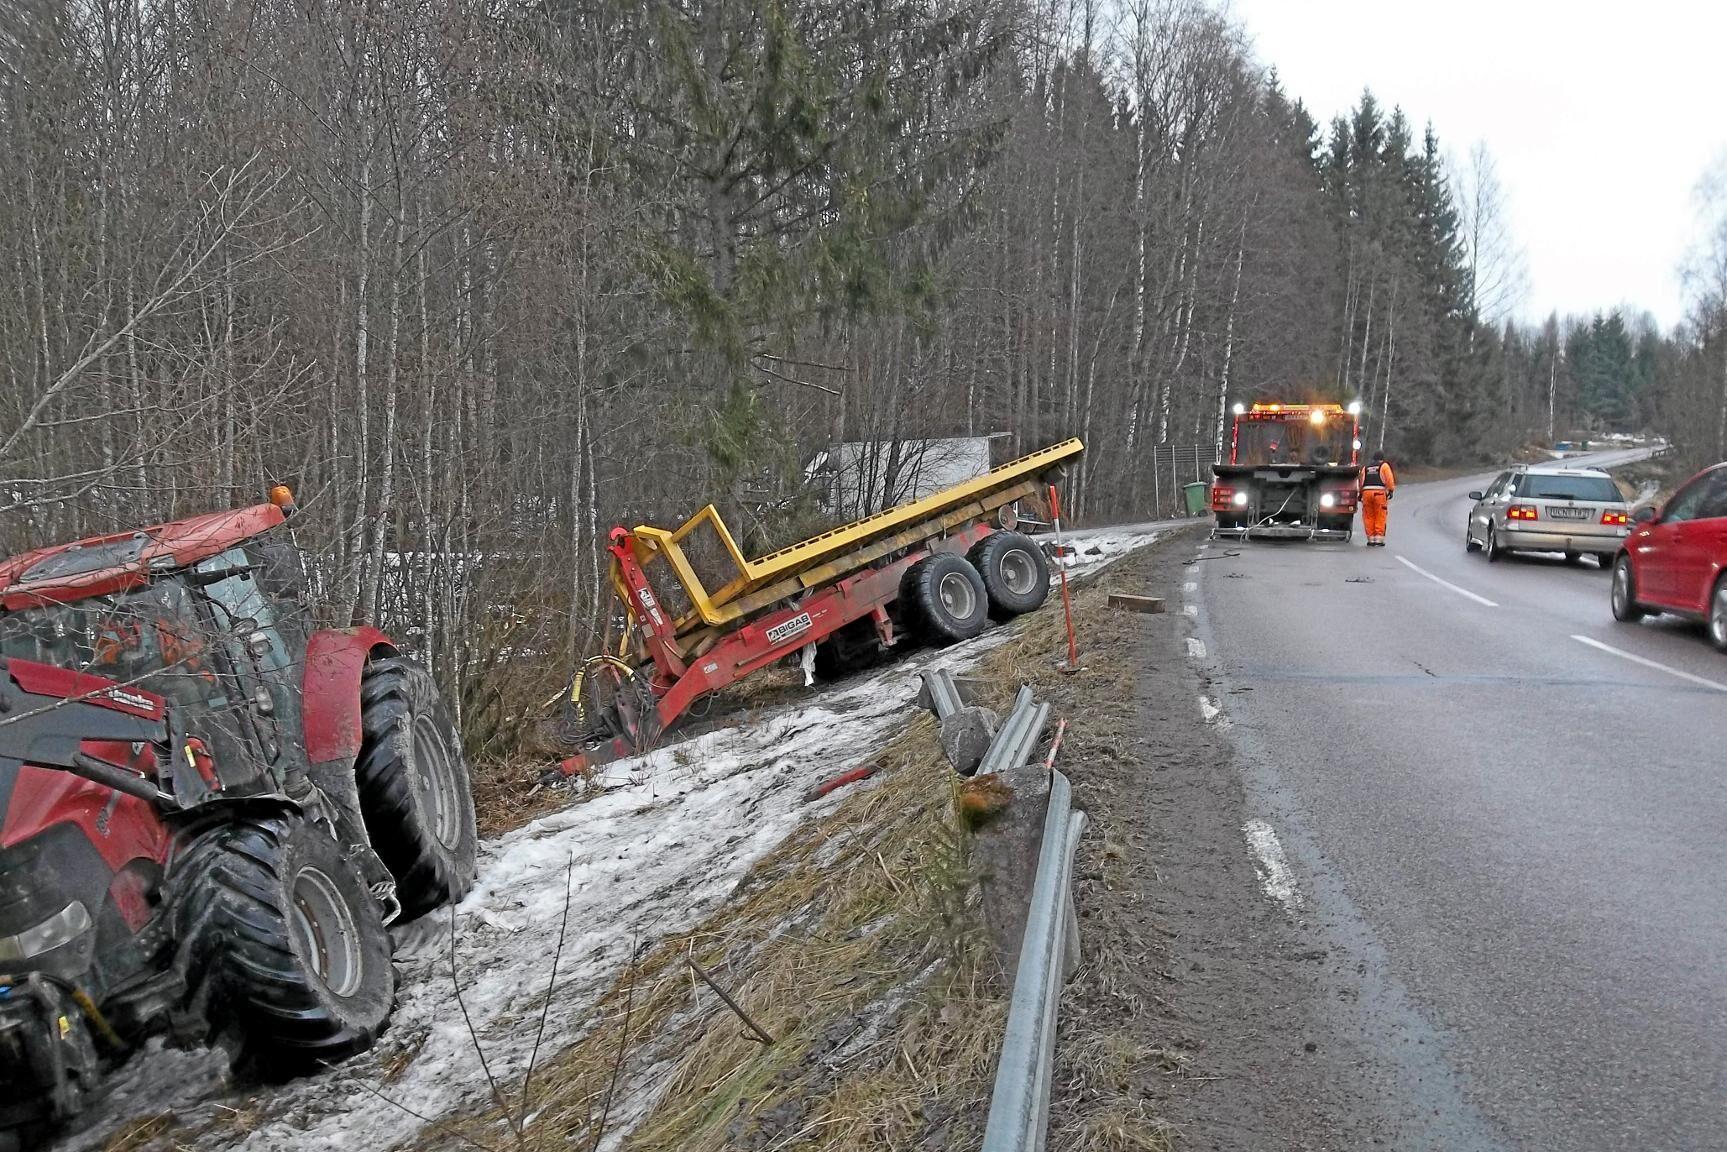 Instrumentbrädan på Sven Täppers traktor blinkade som en julgran, motorn dog och bromsarna slutade fungera.